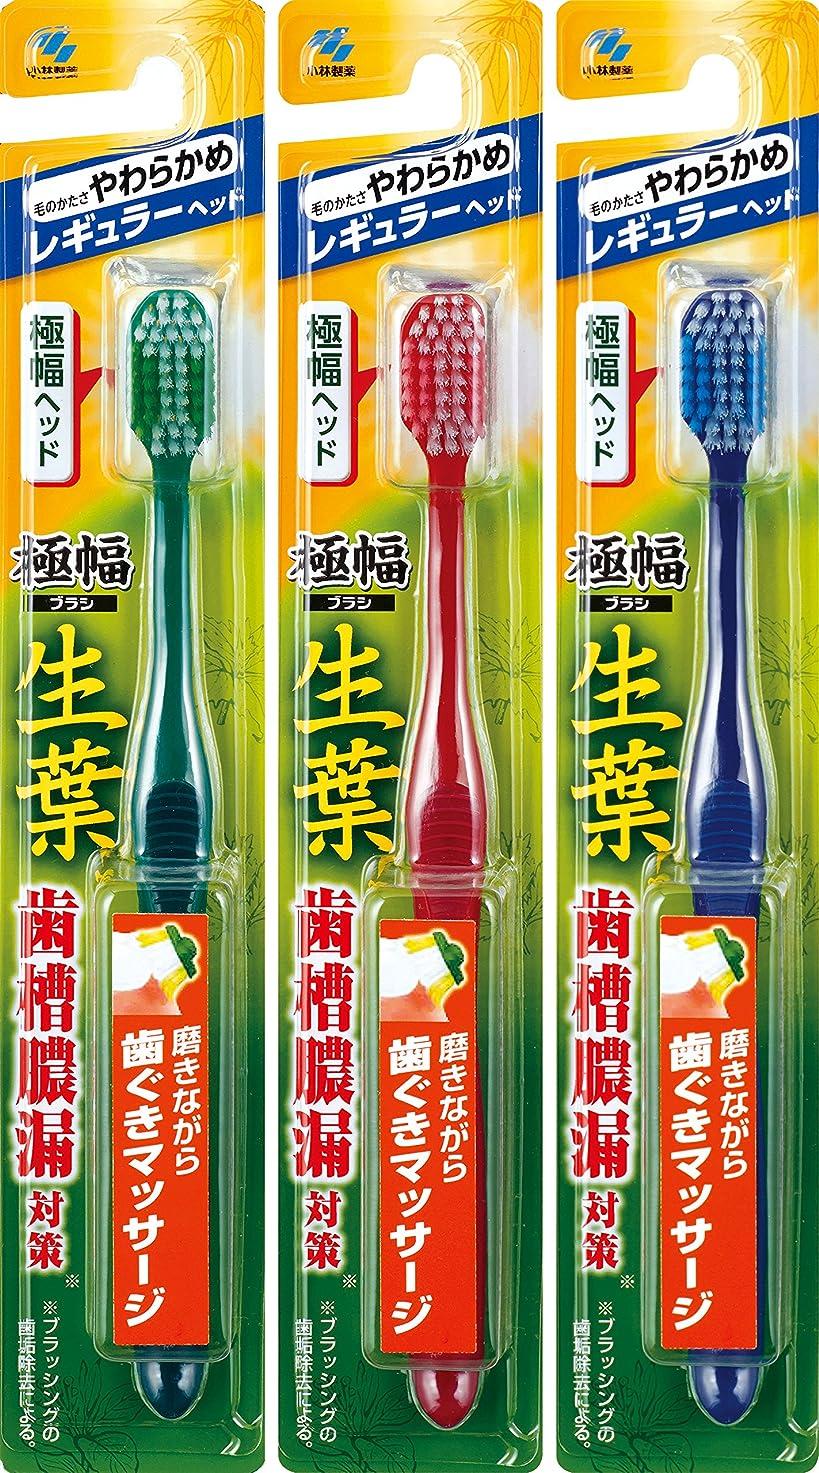 めまいミトン無し【まとめ買い】生葉(しょうよう)極幅ブラシ 歯ブラシ レギュラーヘッド やわらかめ×3個